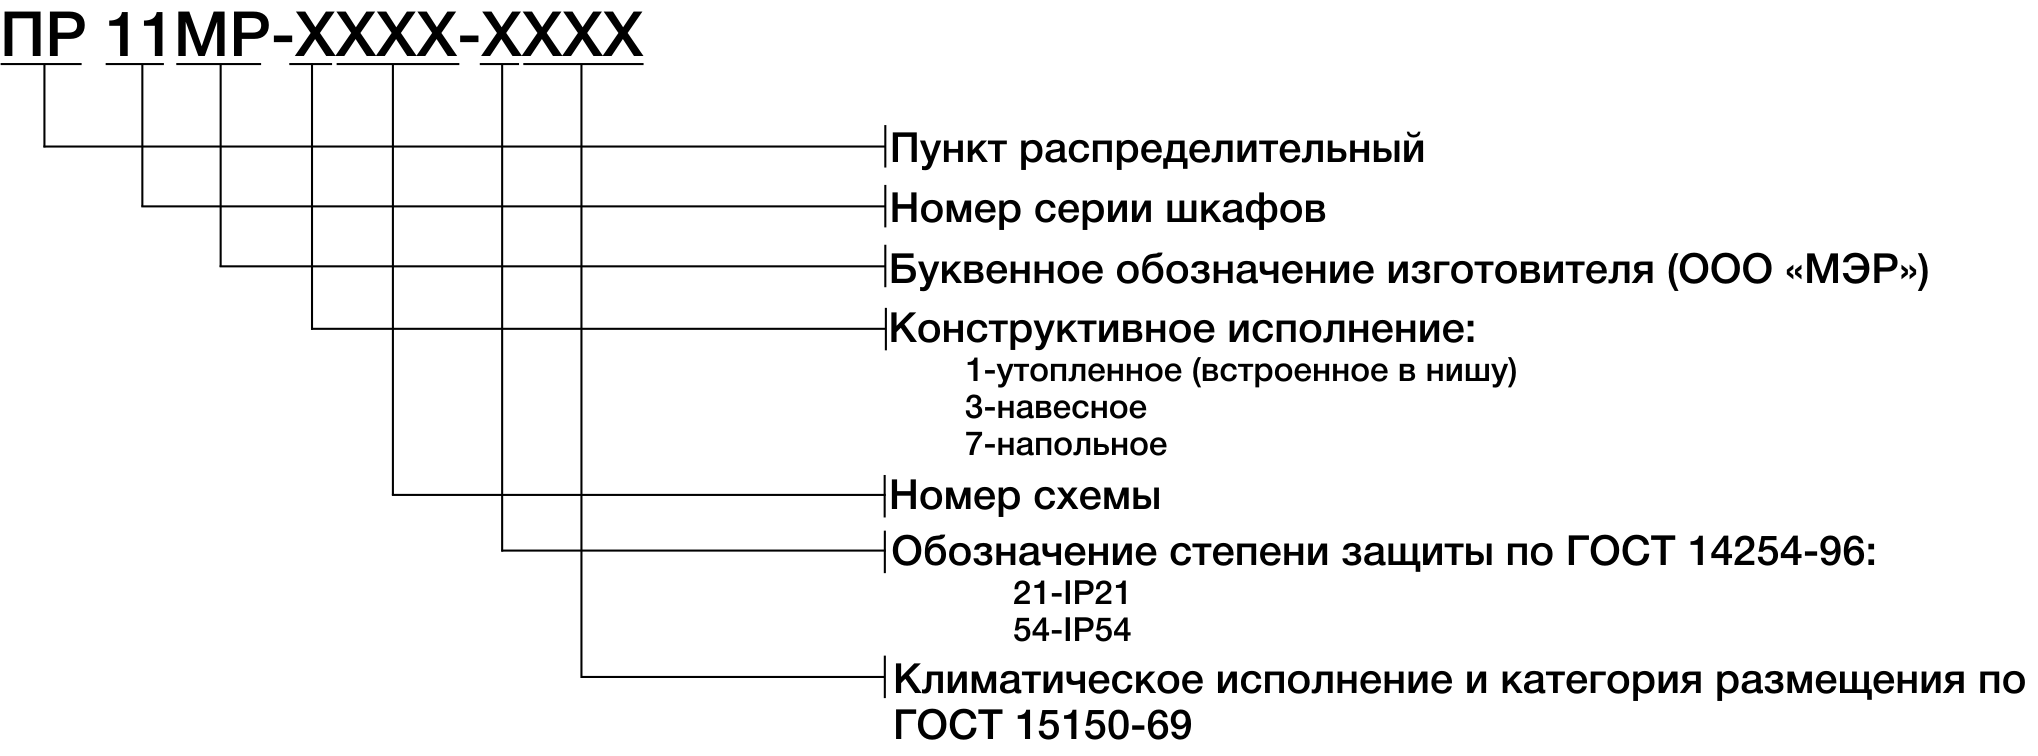 Структура условного обозначения пунктов ПР-11МР